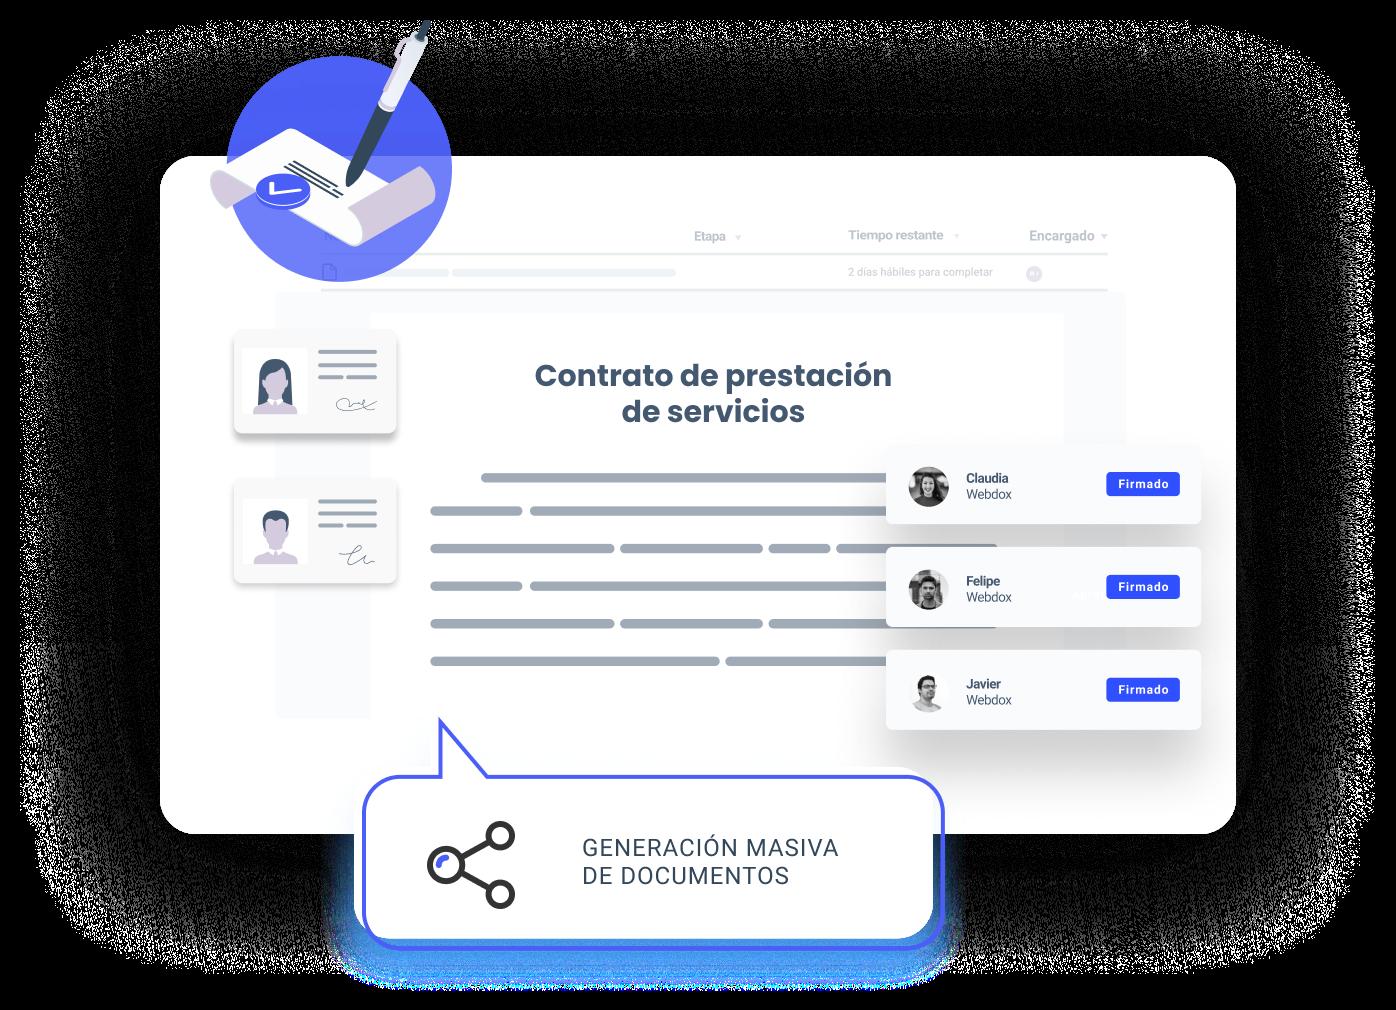 webdox-contratos-digitales-prestacion-servicios